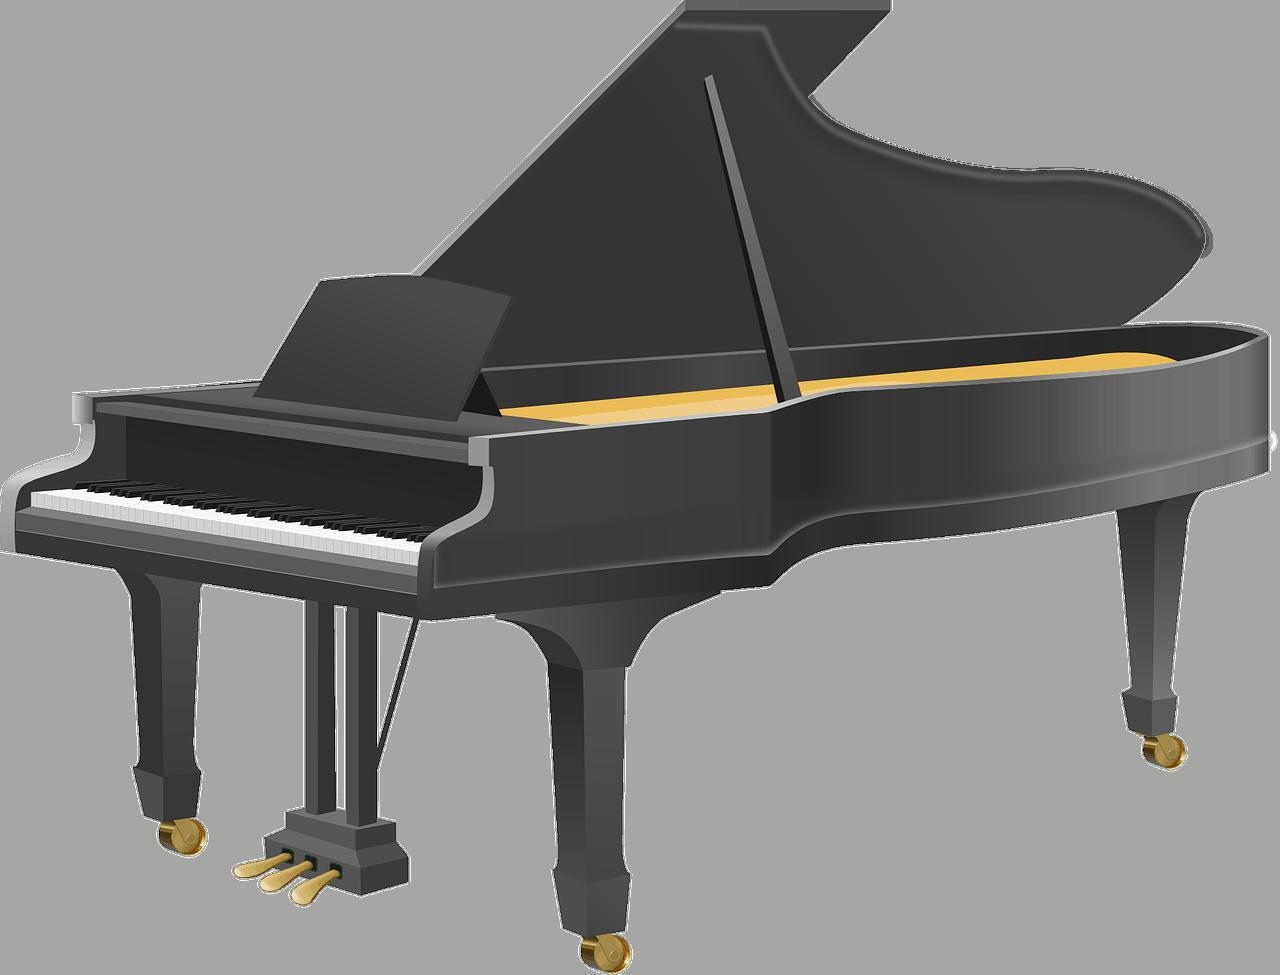 ציור של פסנתר